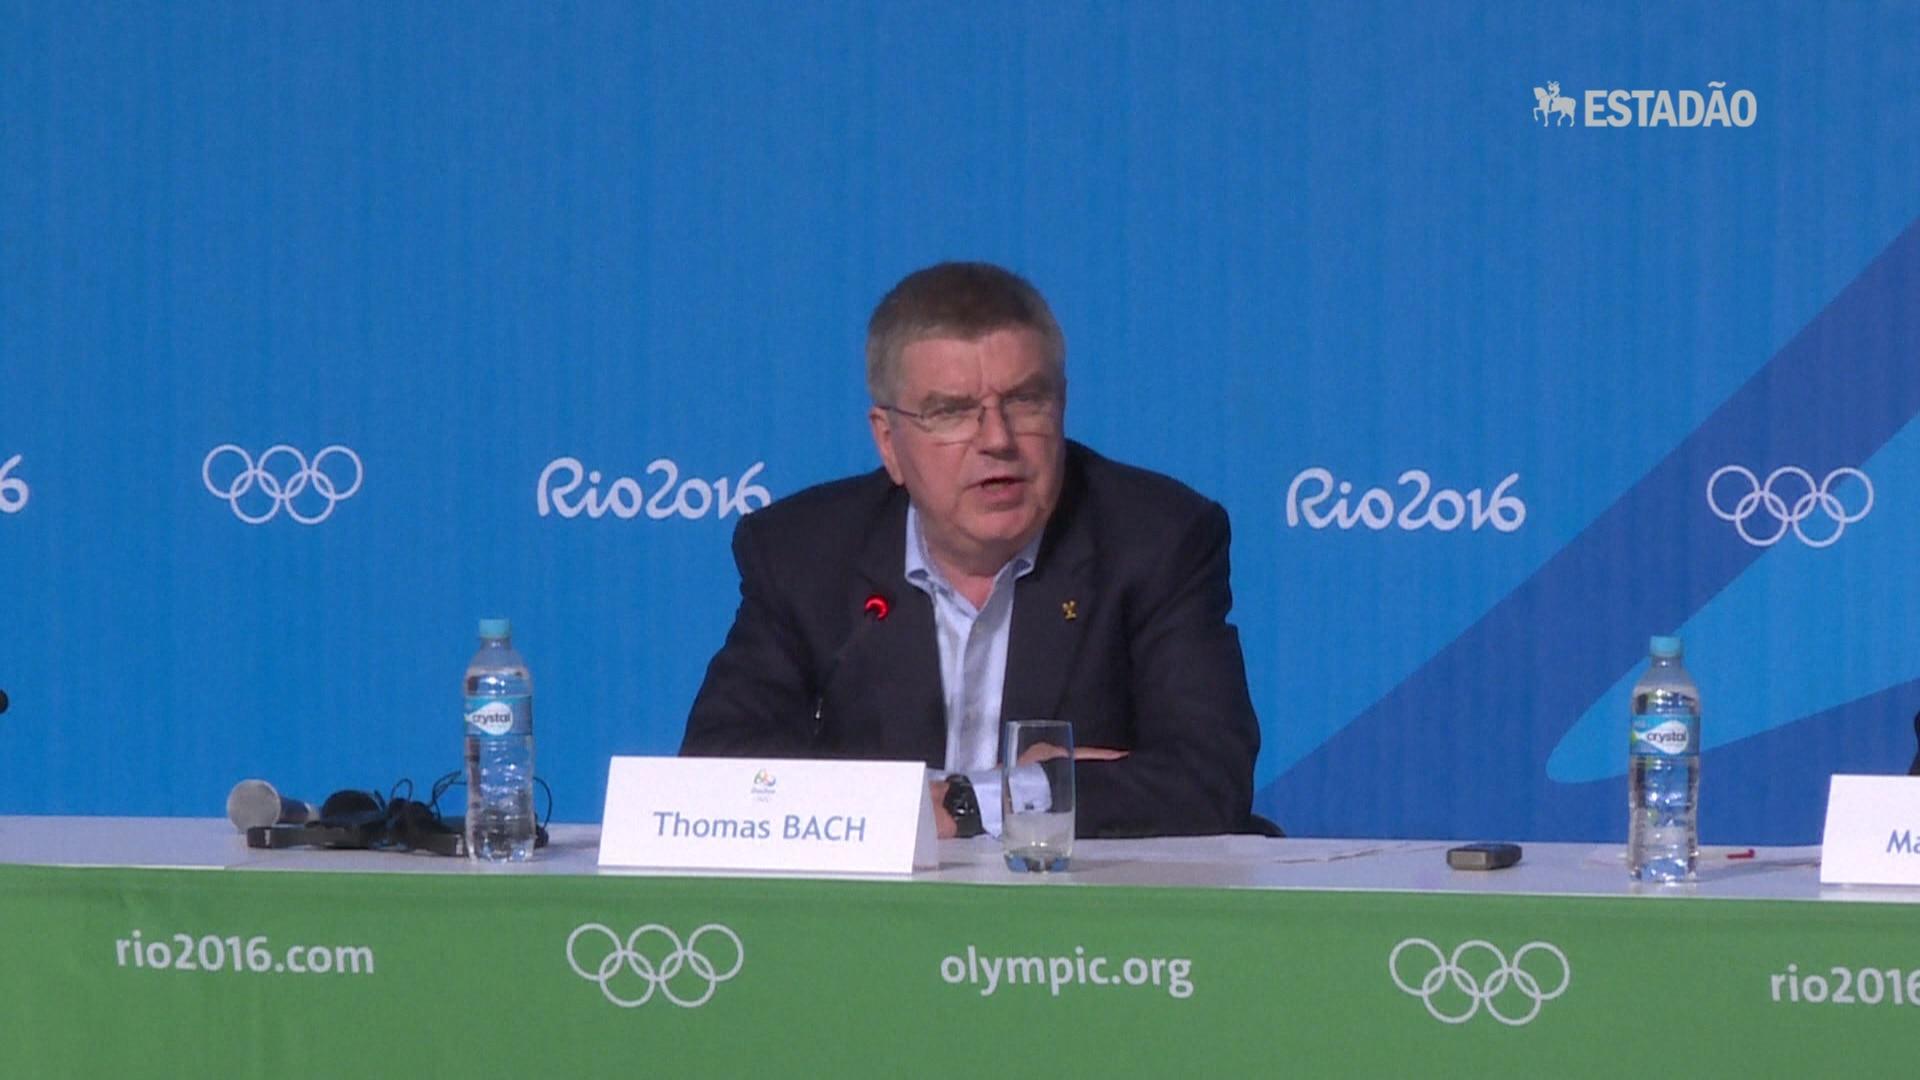 Bach promete grande Olimpíada apesar de desafios